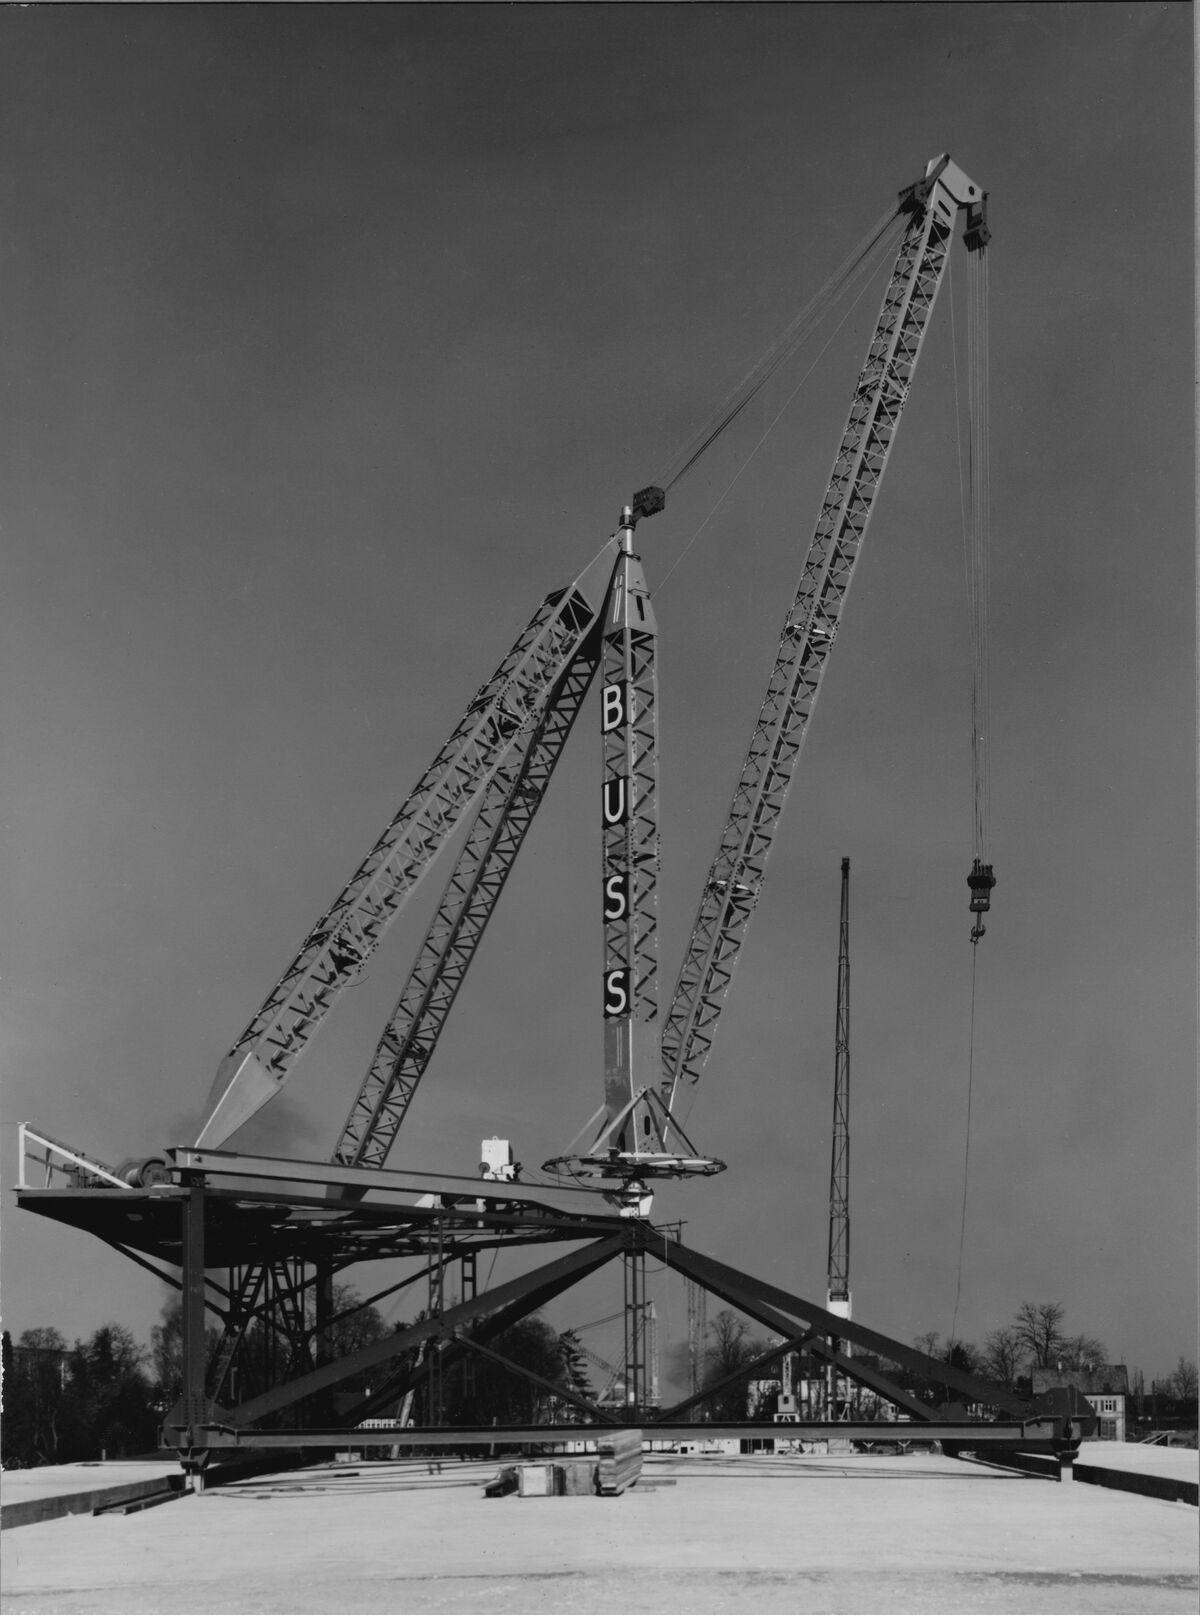 GFA 20/135.221: Stahl- und Brückenbau: St.Albanbrücke Montagekran